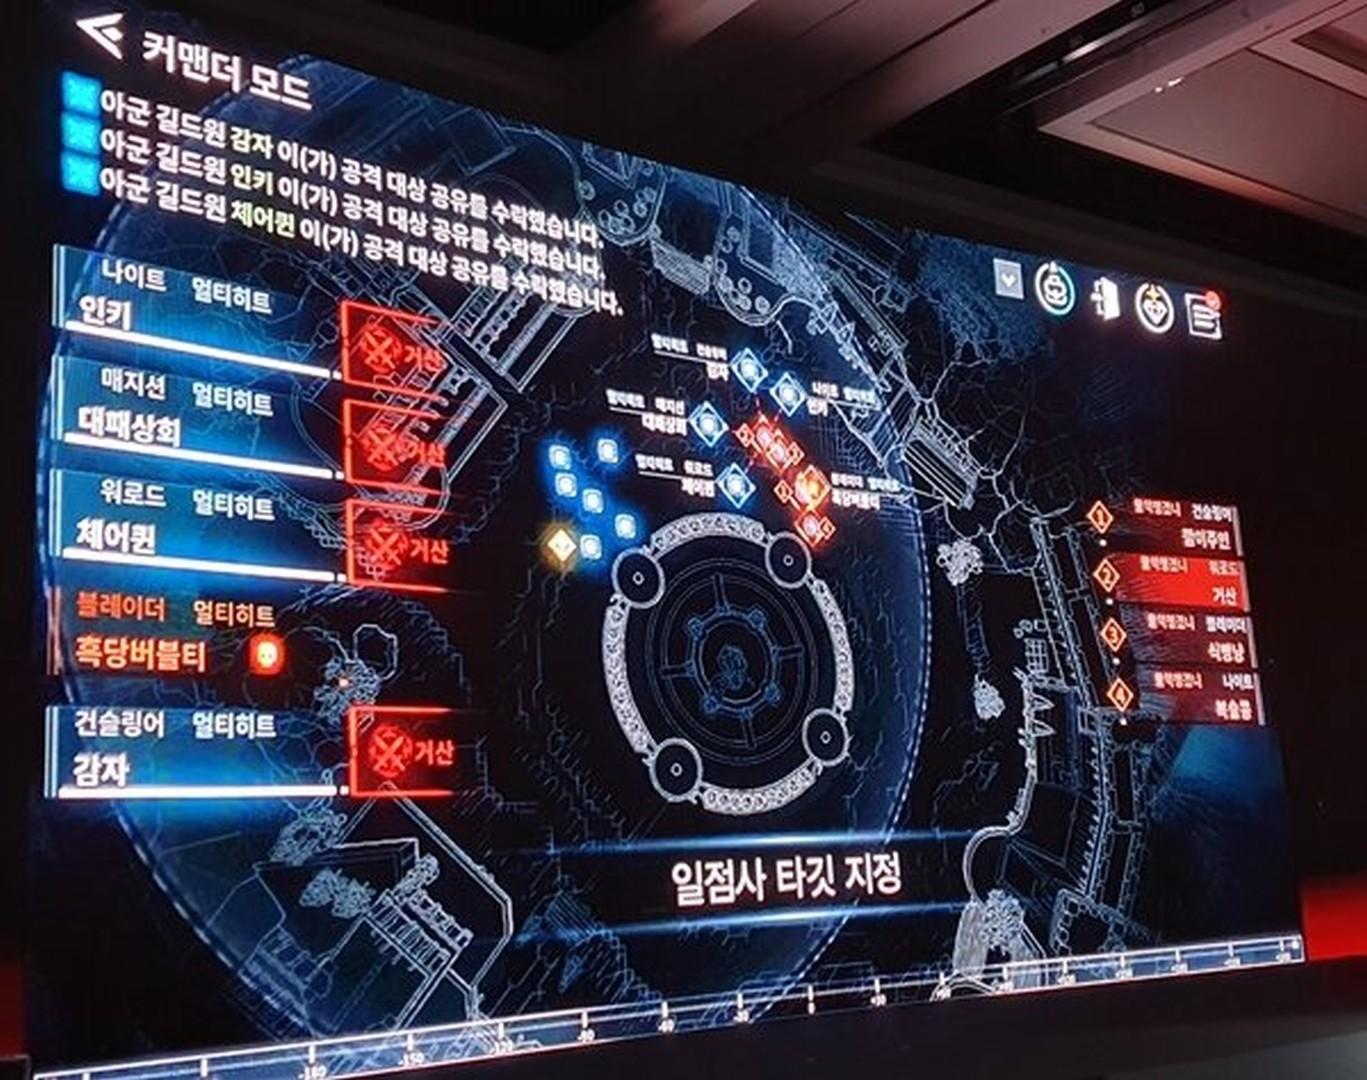 """V4 - дата релиза игры, режим """"командира"""" для лидера гильдии, свободное ПК и многое другое"""